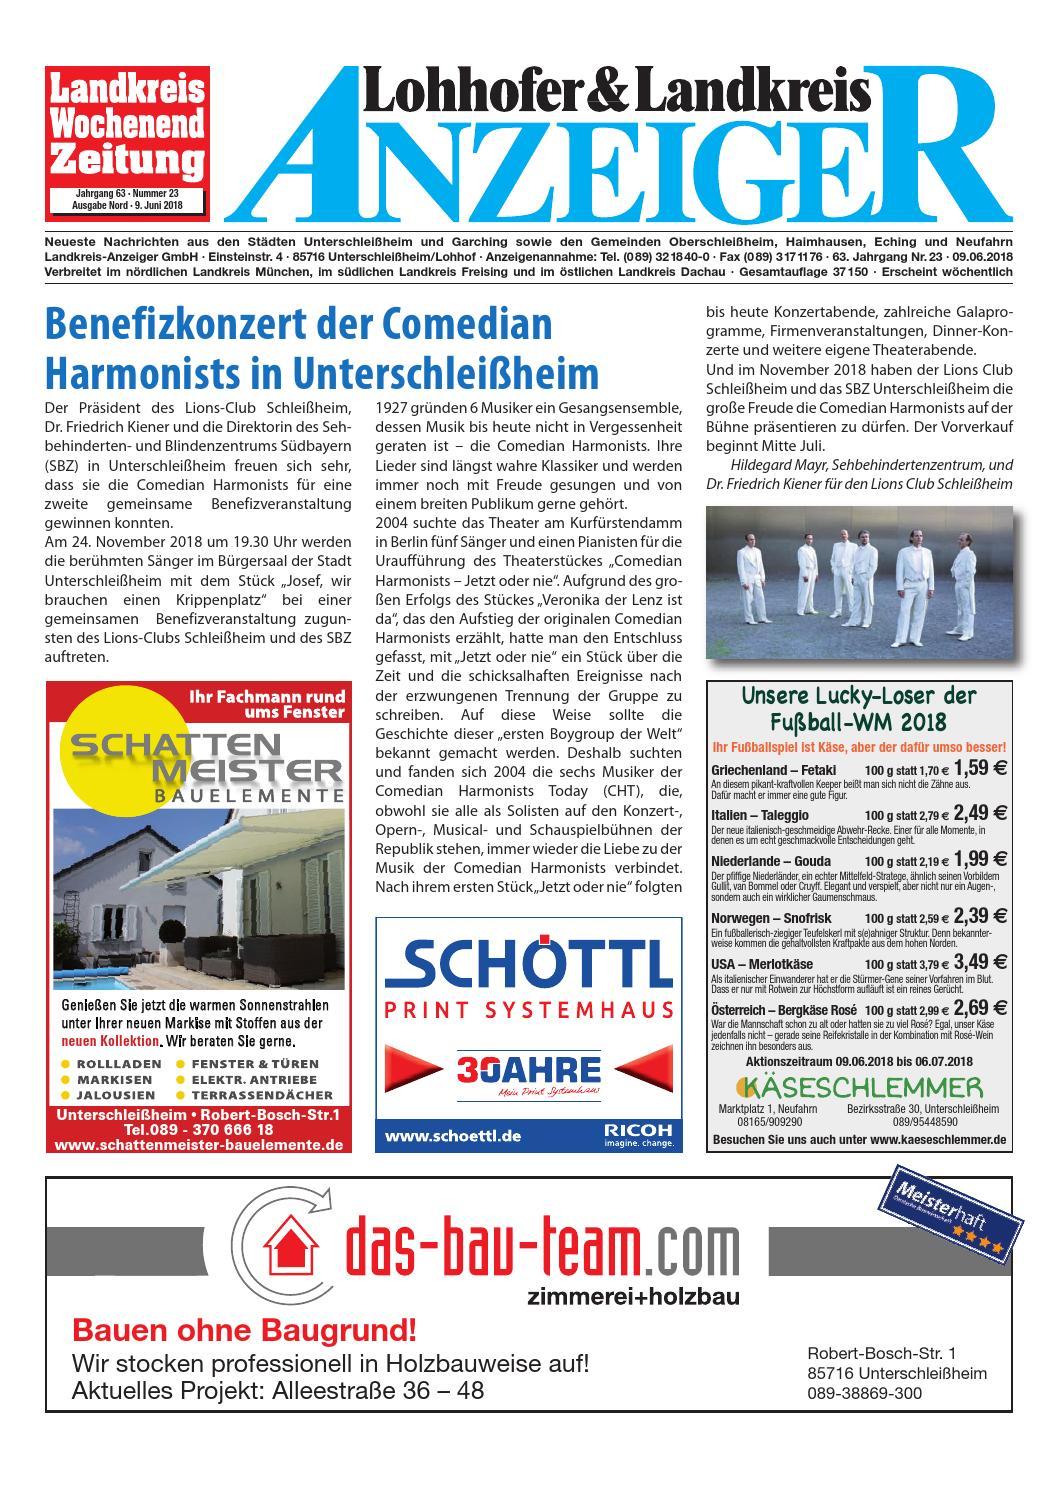 Lohhofer & Landkreis Anzeiger 2318 by Zimmermann GmbH Druck & Verlag - issuu